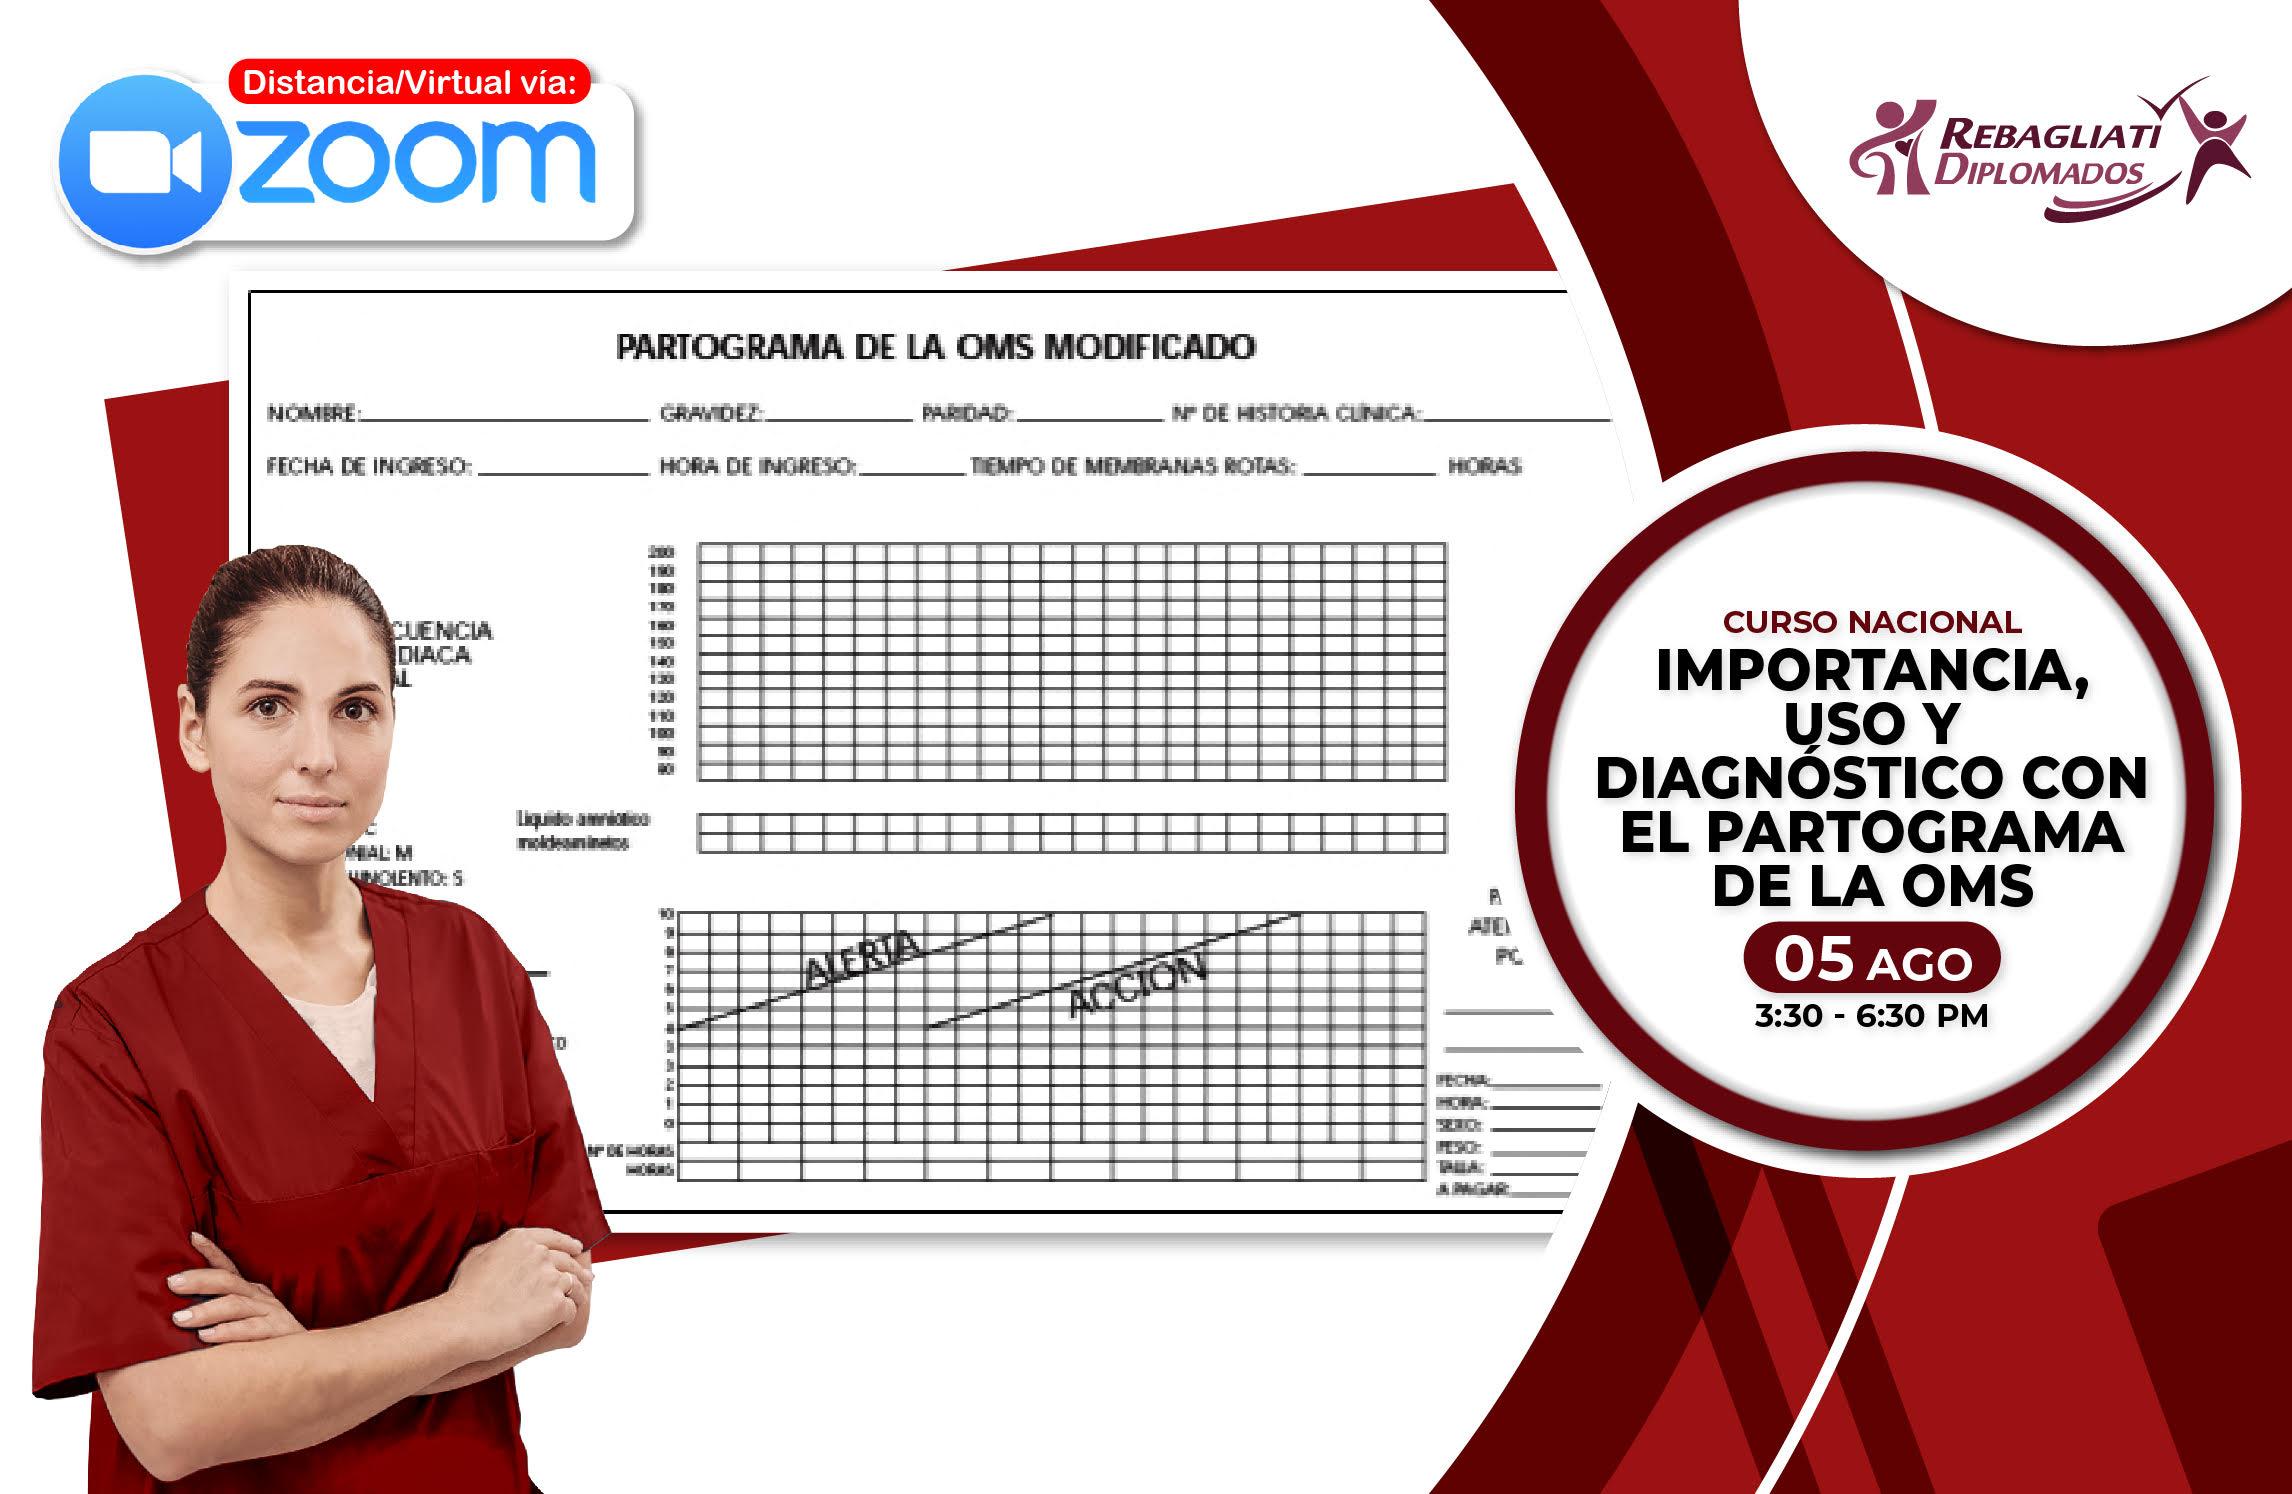 CURSO NACIONAL IMPORTANCIA , USO Y   DIAGNÓSTICO CON EL PARTOGRAMA DE LA OMS